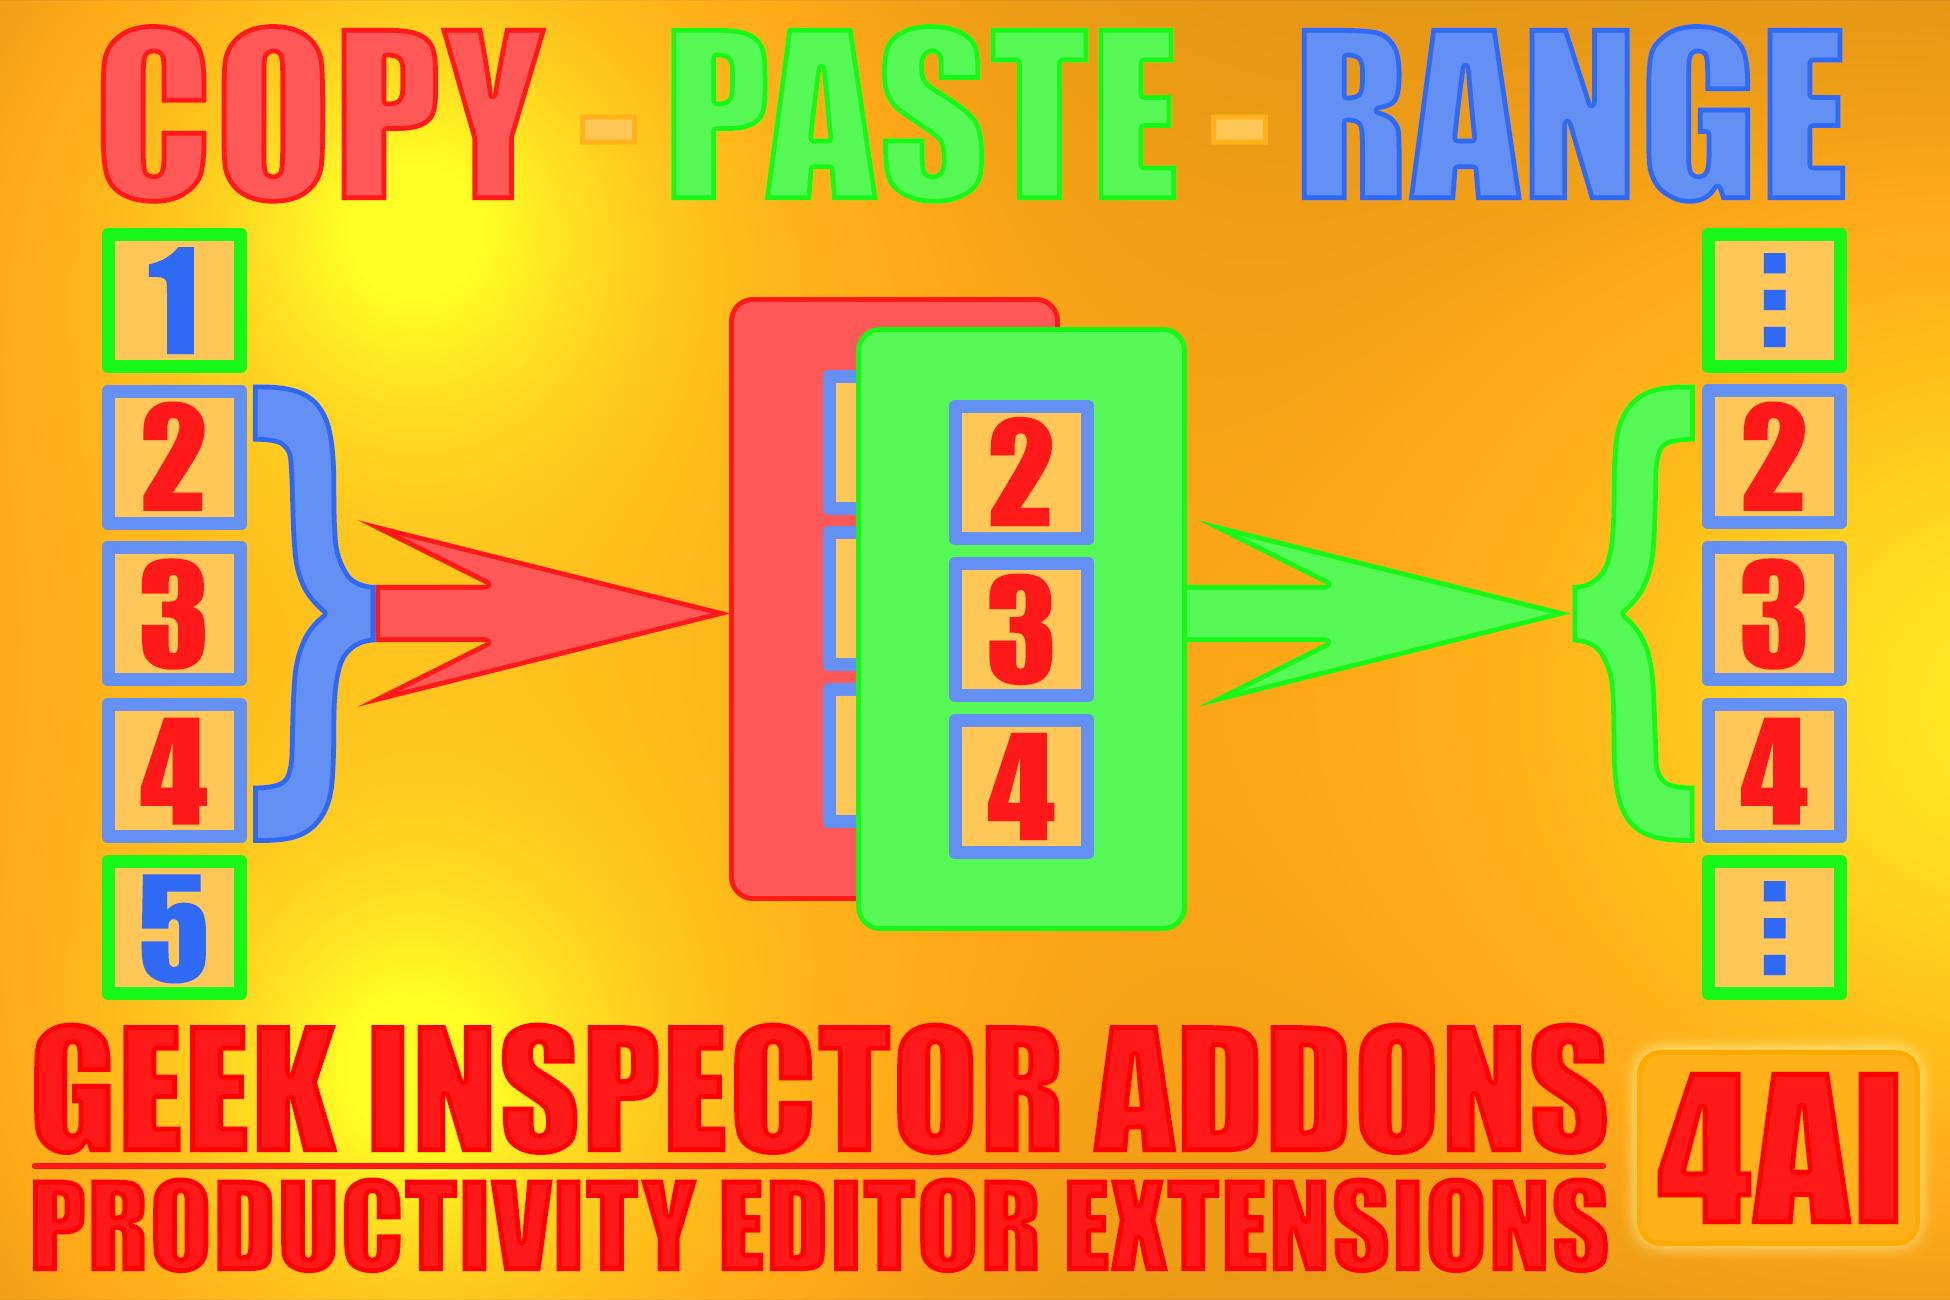 copy-paste-range-CoverImage1950x1300.png